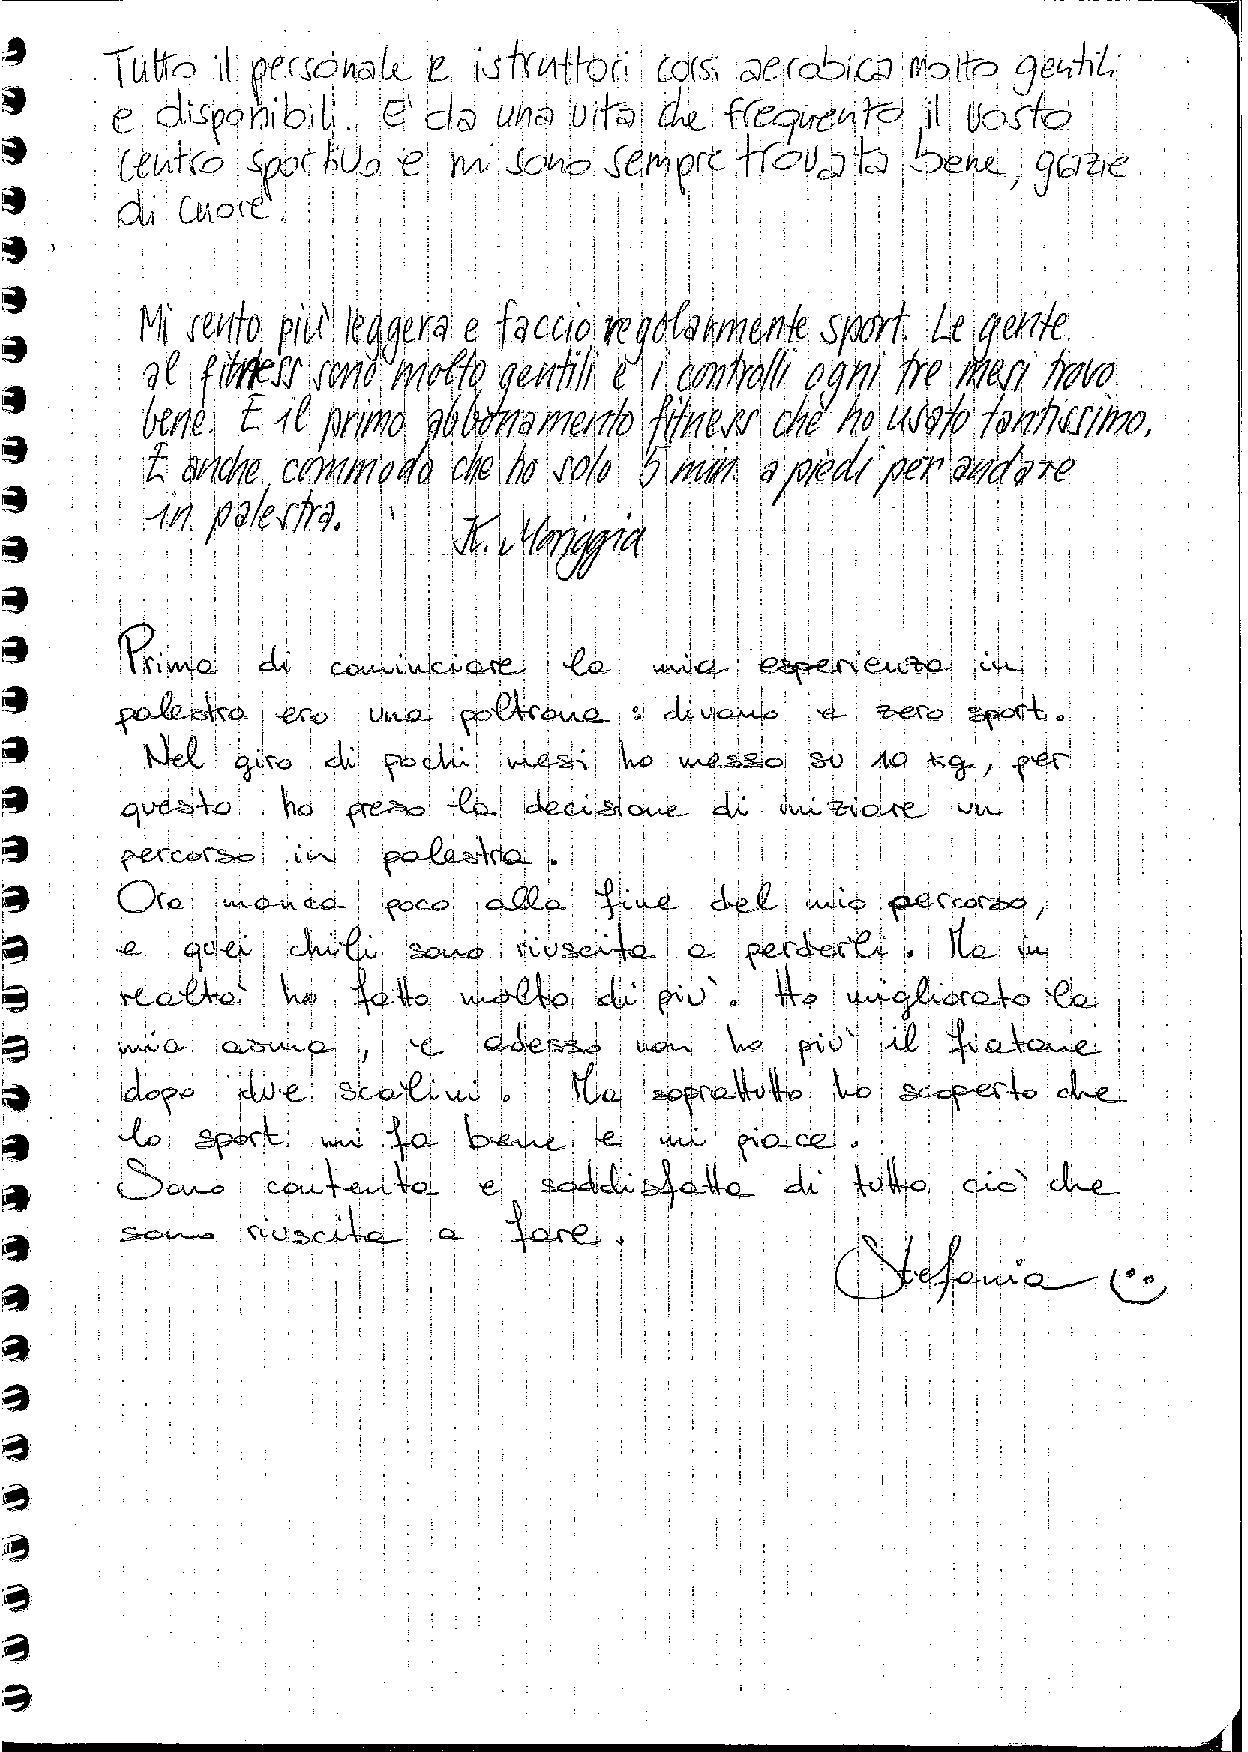 testimonianza-5